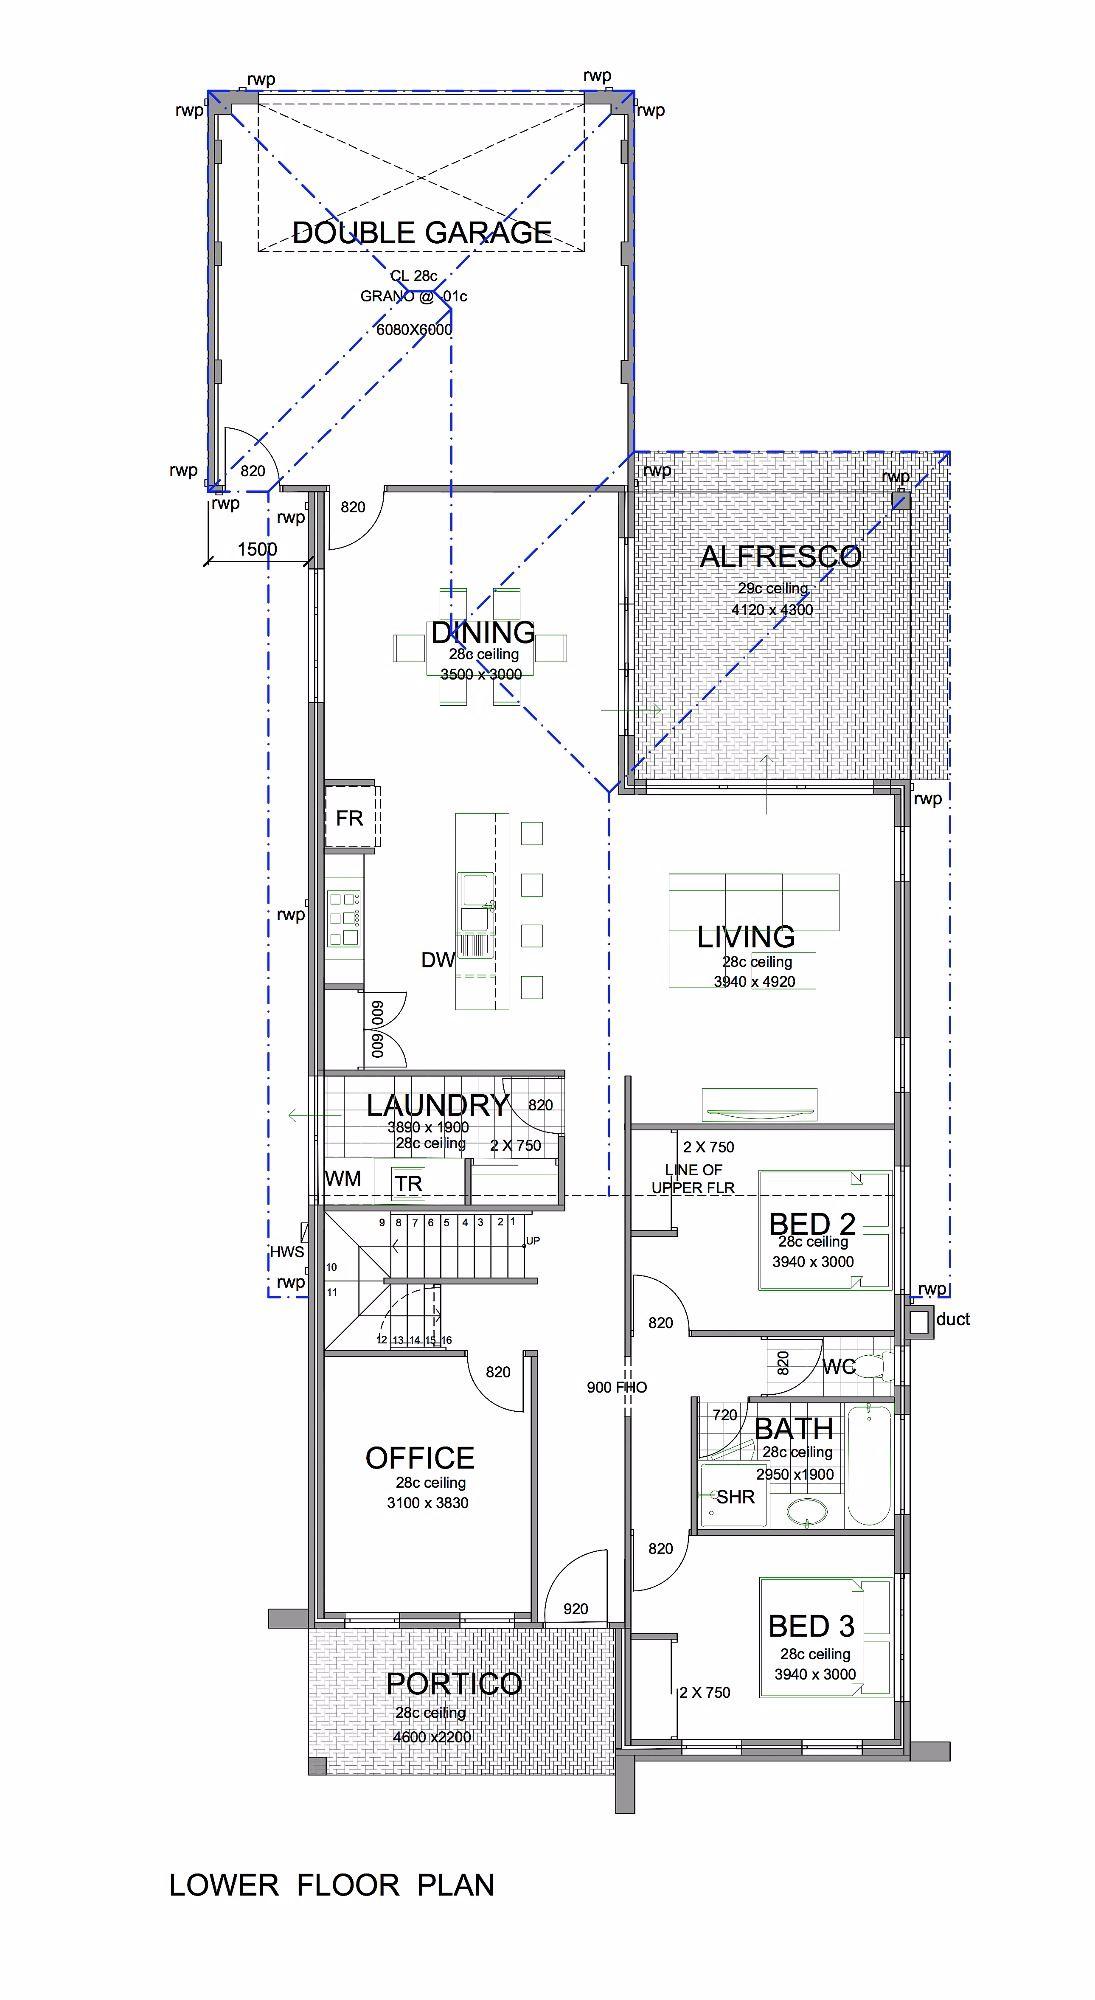 parkview plans copy latestfinal